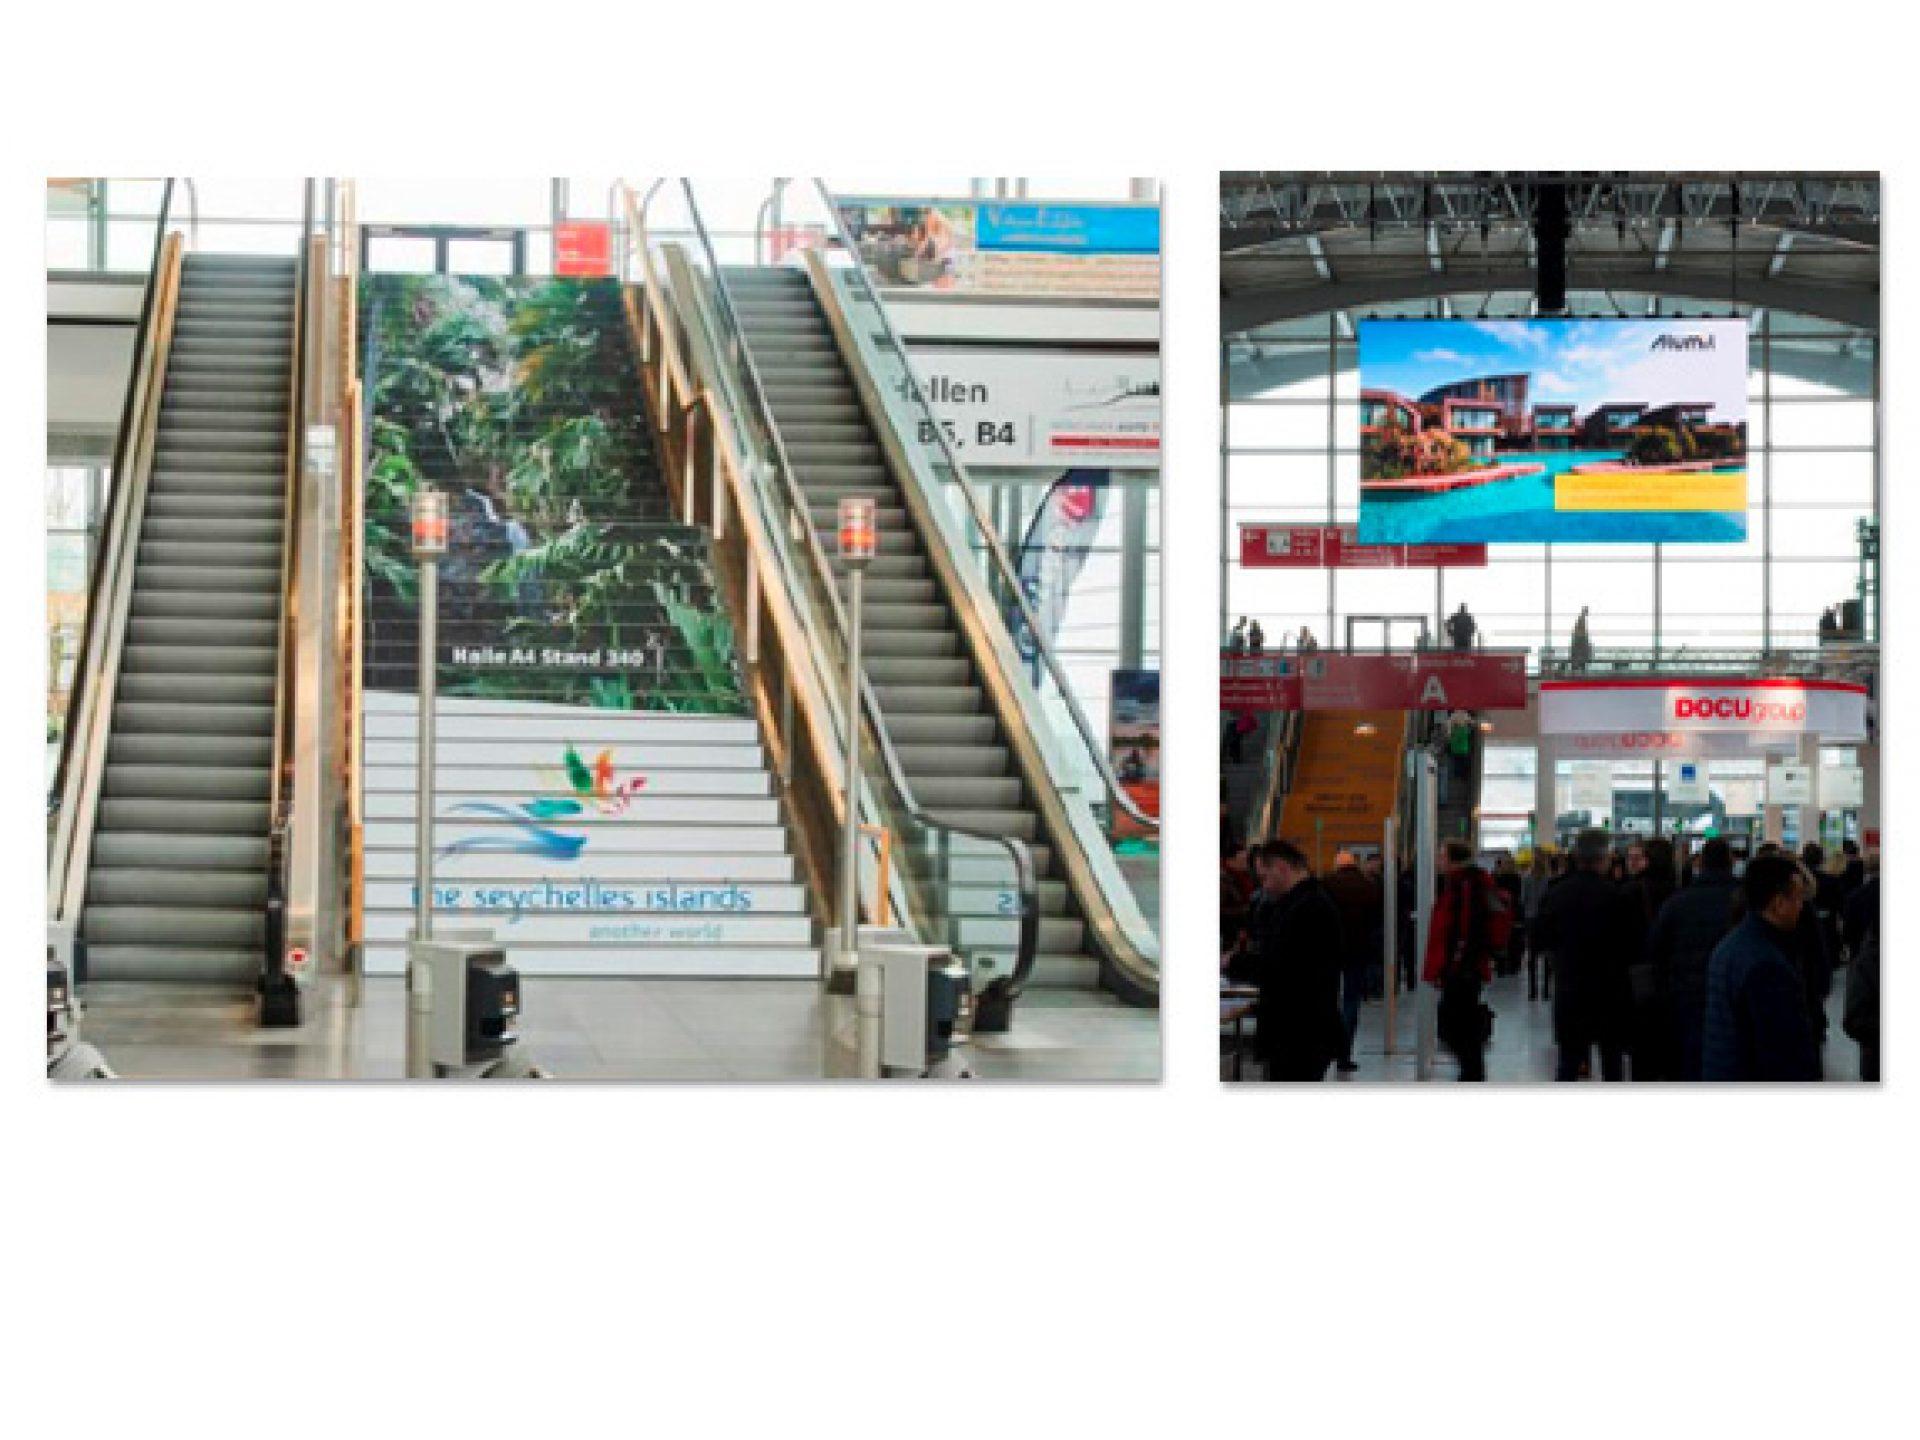 Treppenstufen & LED-Screen